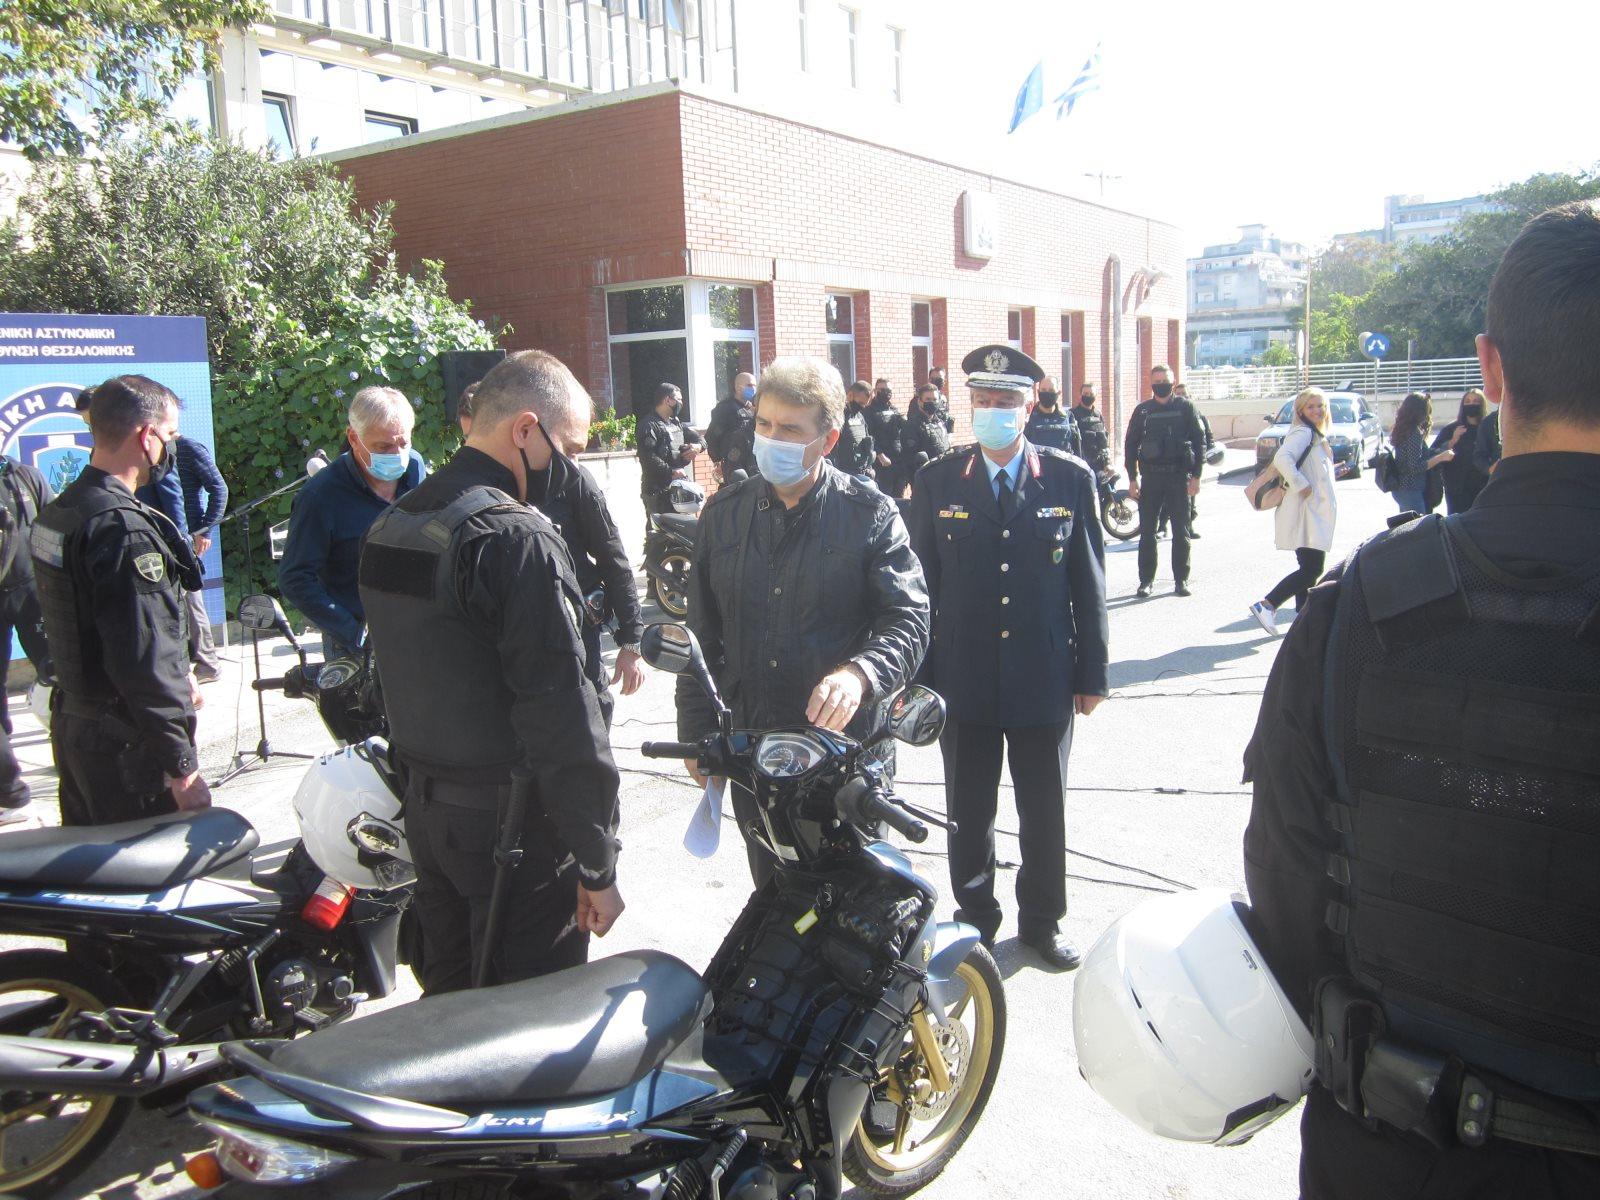 Ο Υπουργός Προστασίας του Πολίτη Μιχάλης Χρυσοχοΐδης χαιρετά αστυνομικούς